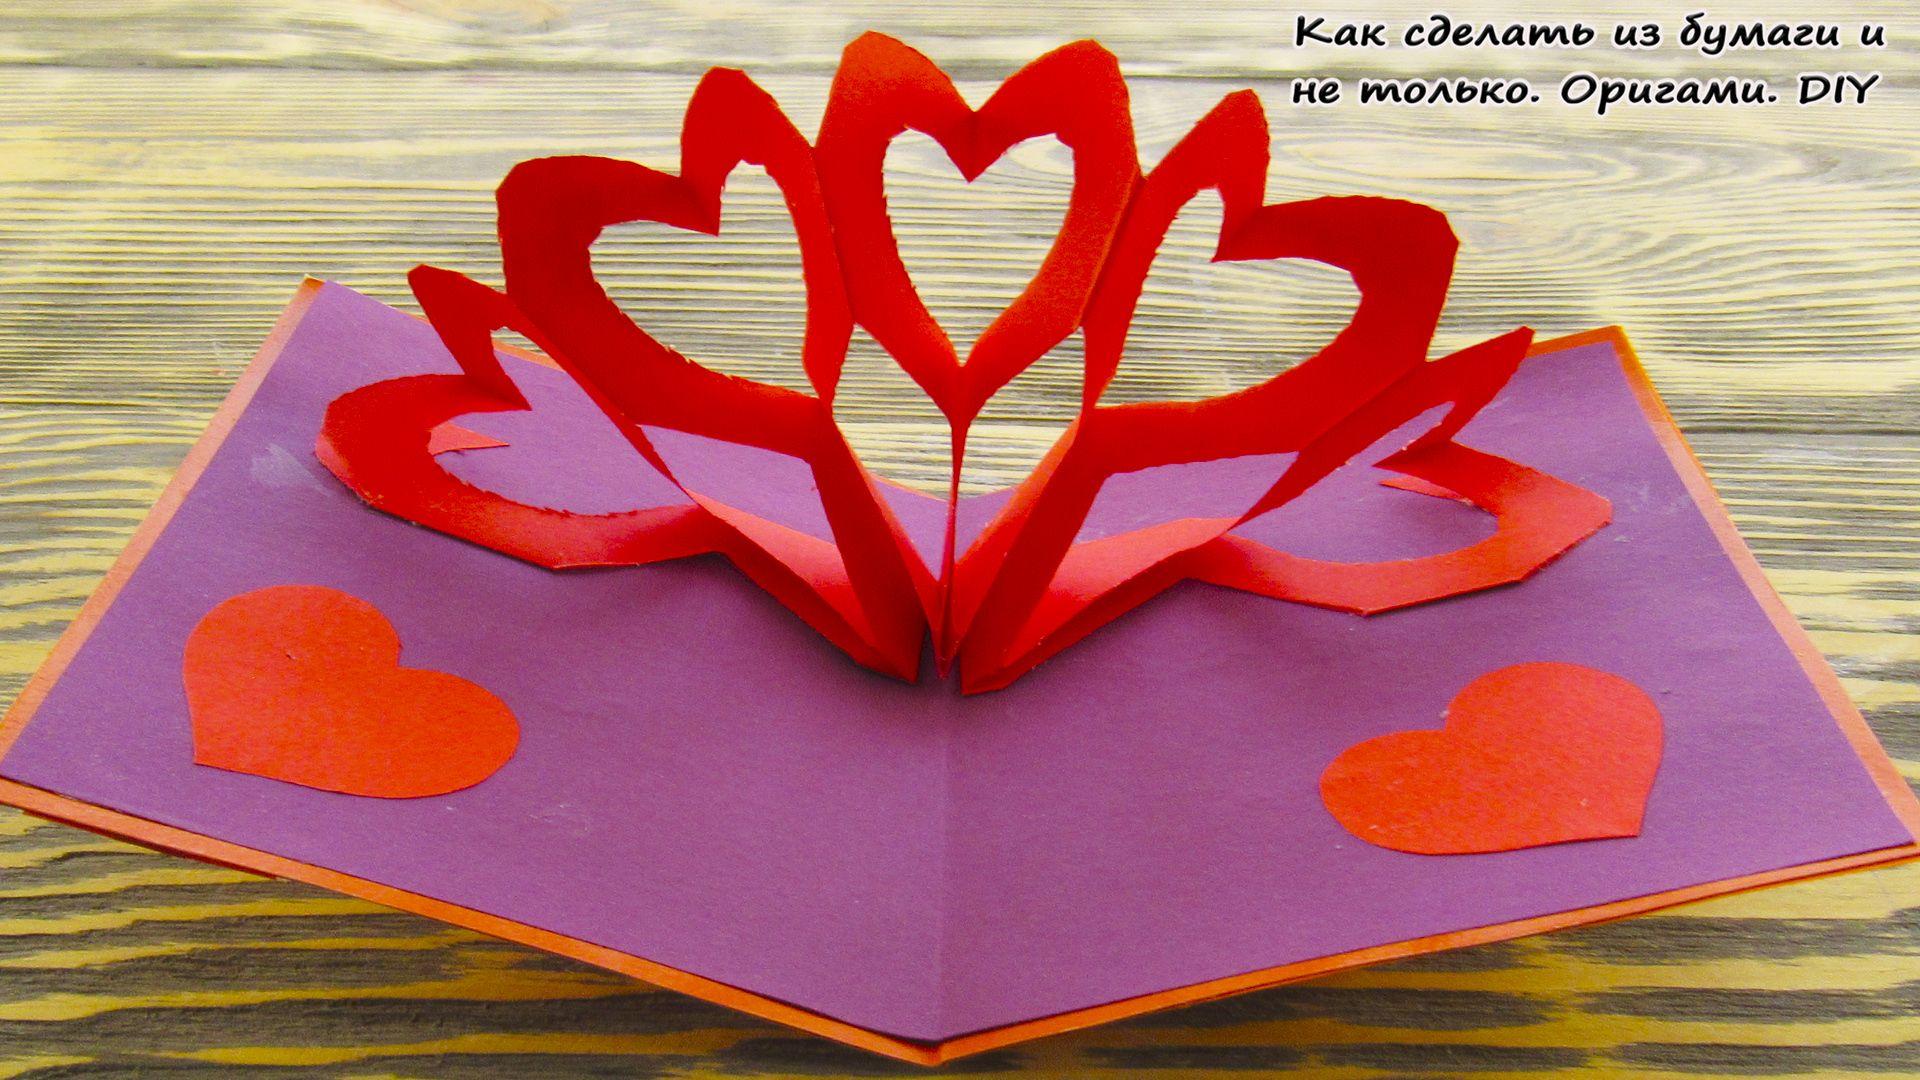 Как сделать открытки на день валентина своими руками фото 518